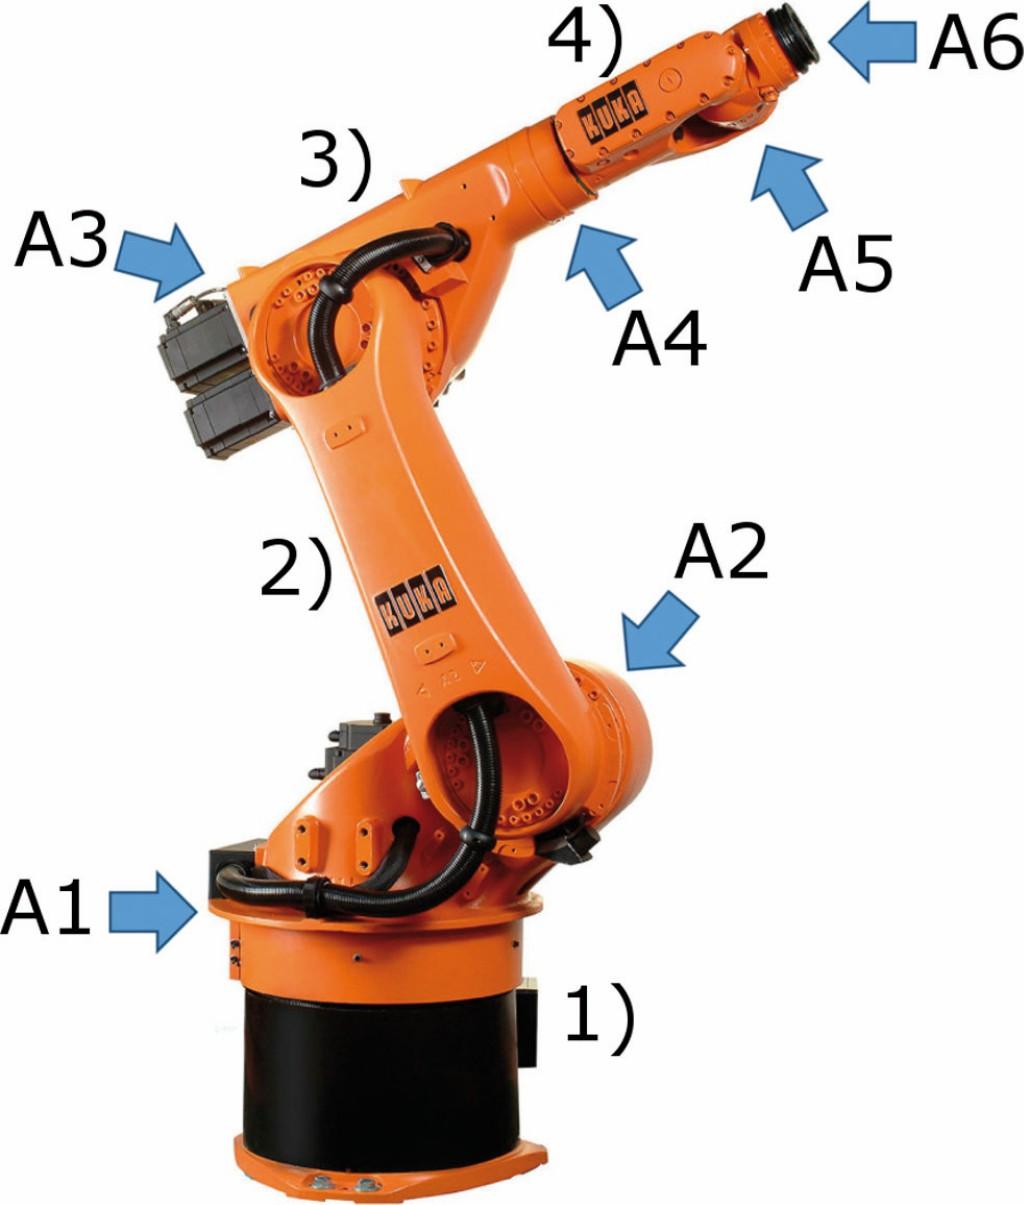 """Bild 3. """"KR 60 HA""""-Roboter von Kuka mit sechs Achsen A1-A6 und vier Komponenten: Karussell (1), Schwinge (2), Arm (3) und Hand (4), nach [2]. Bild: ISW, Universität Stuttgart"""